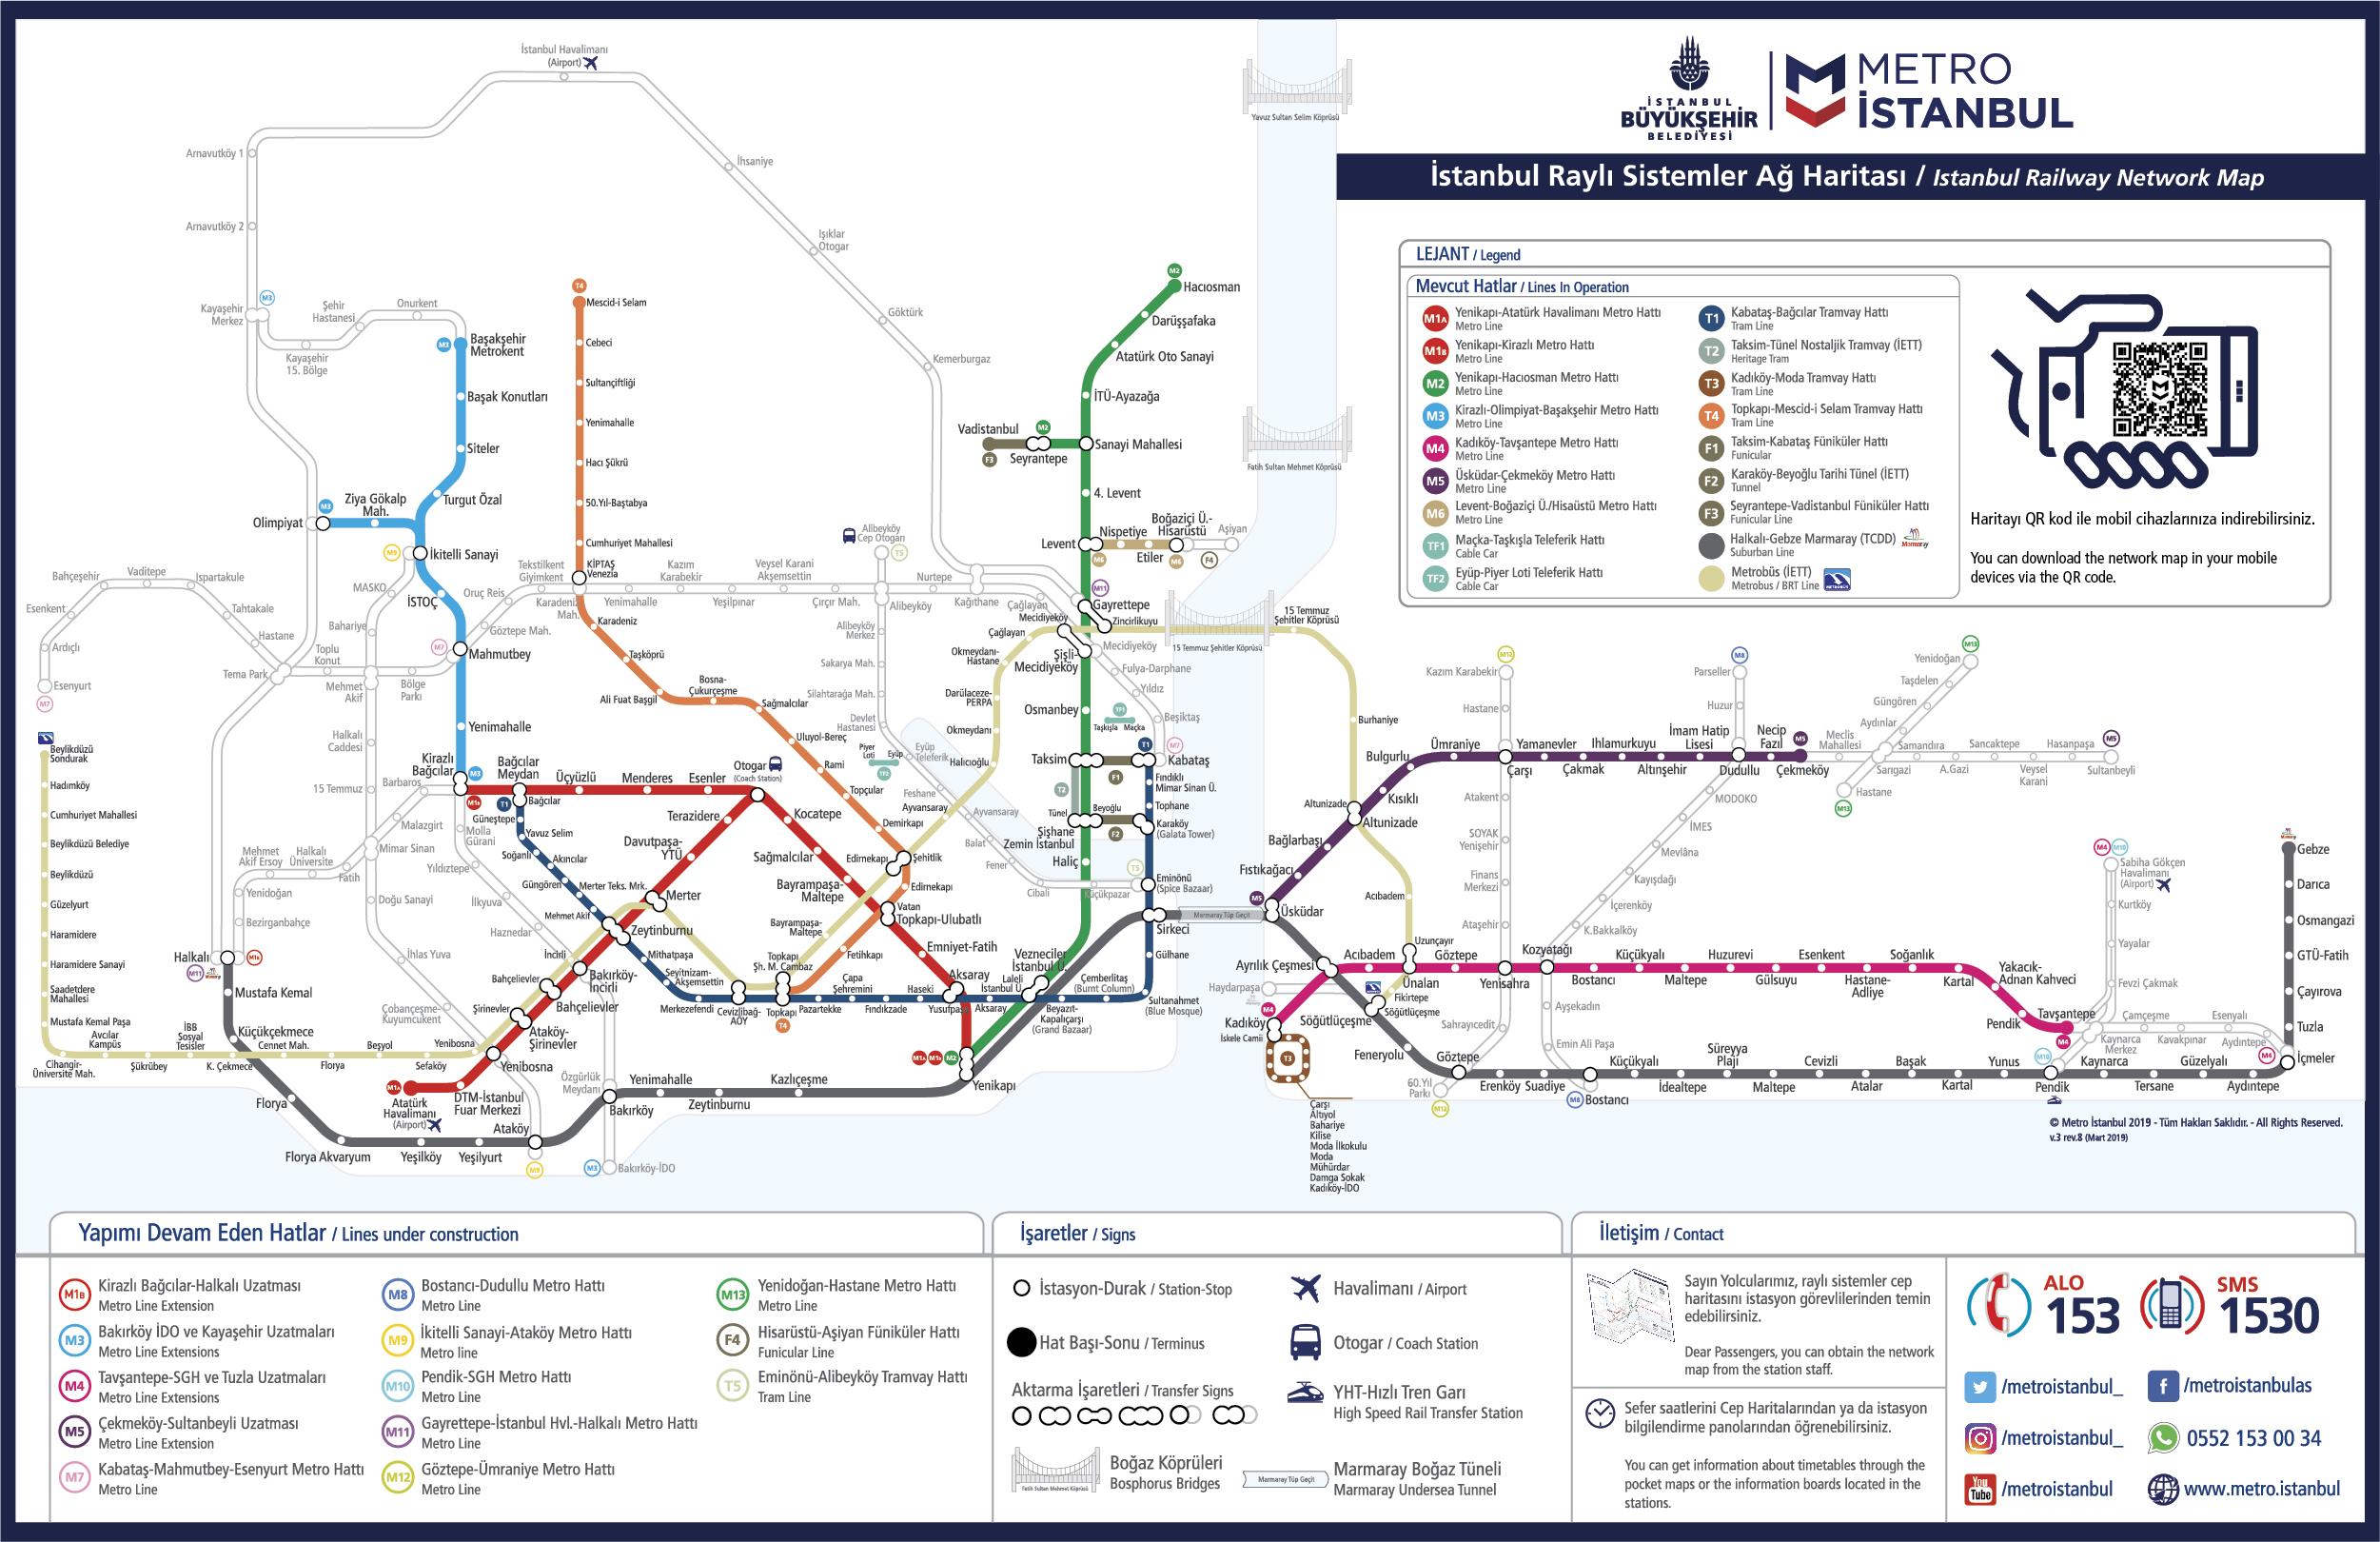 İstanbul Raylı Sistemler Ağ Haritası - 2019